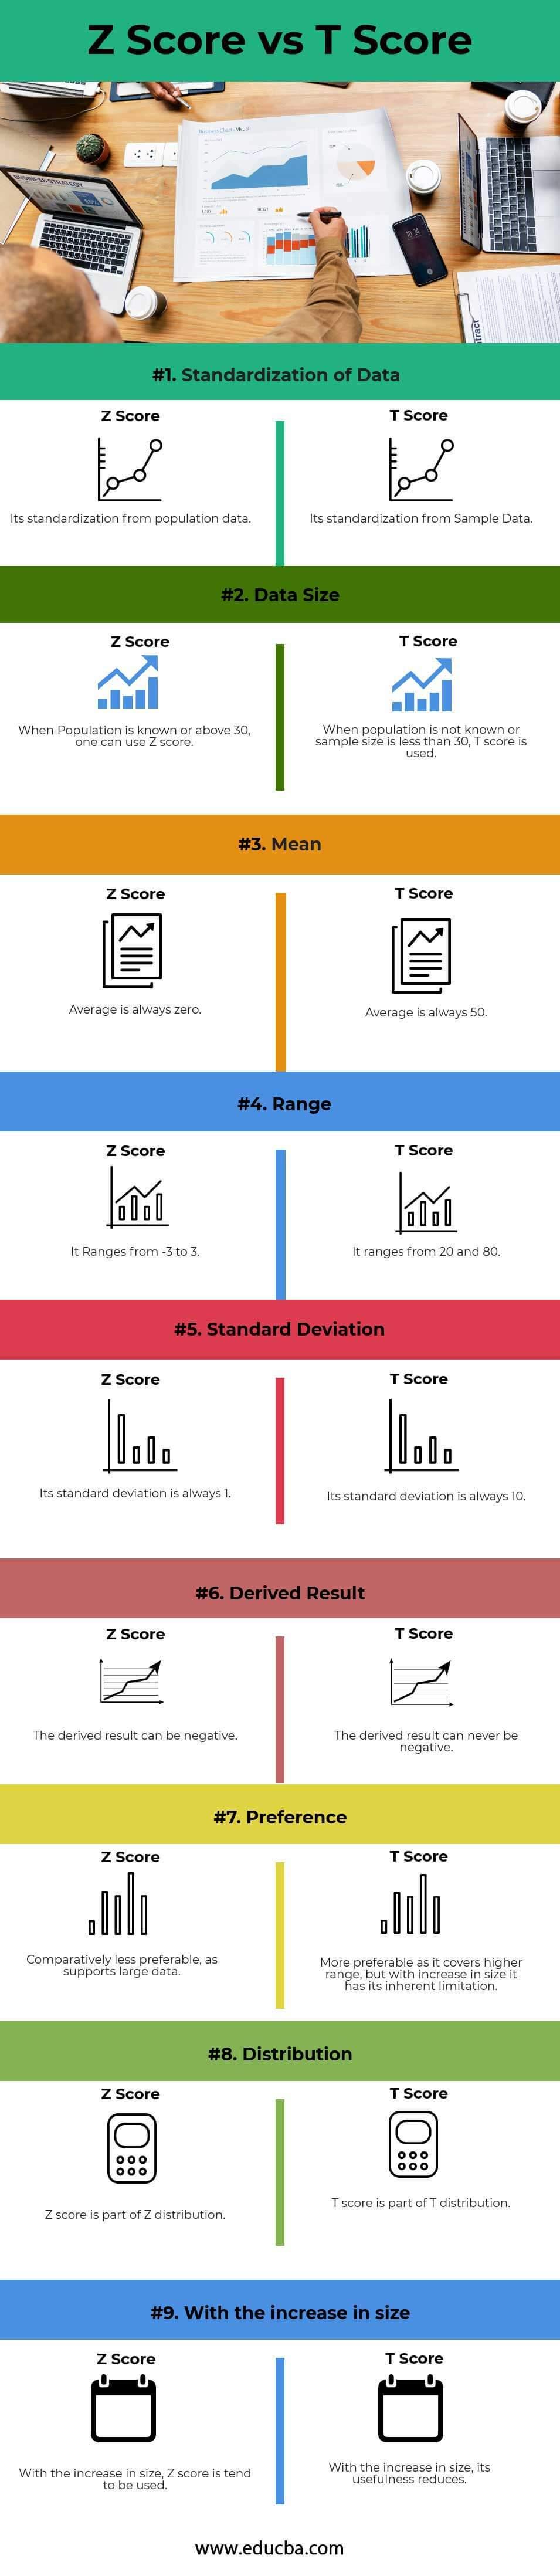 Z Score vs T Score info